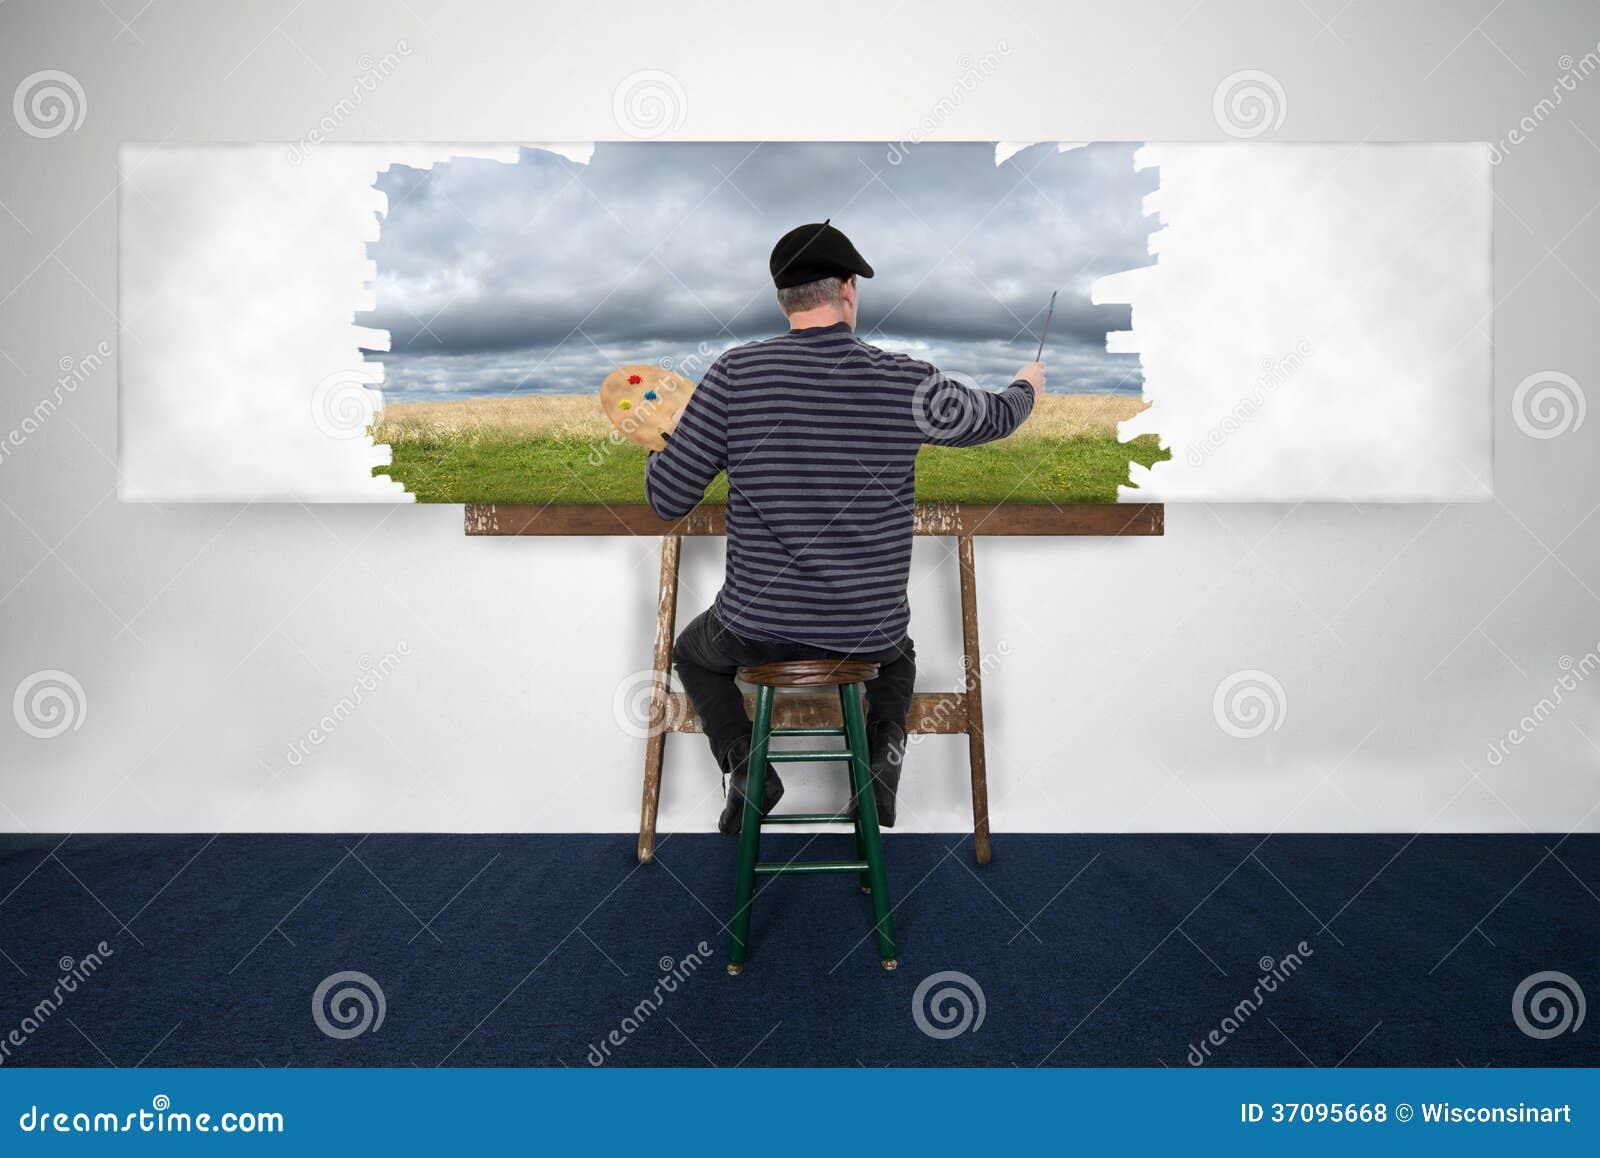 艺术家和画家油漆在白色帆布的油漆风景